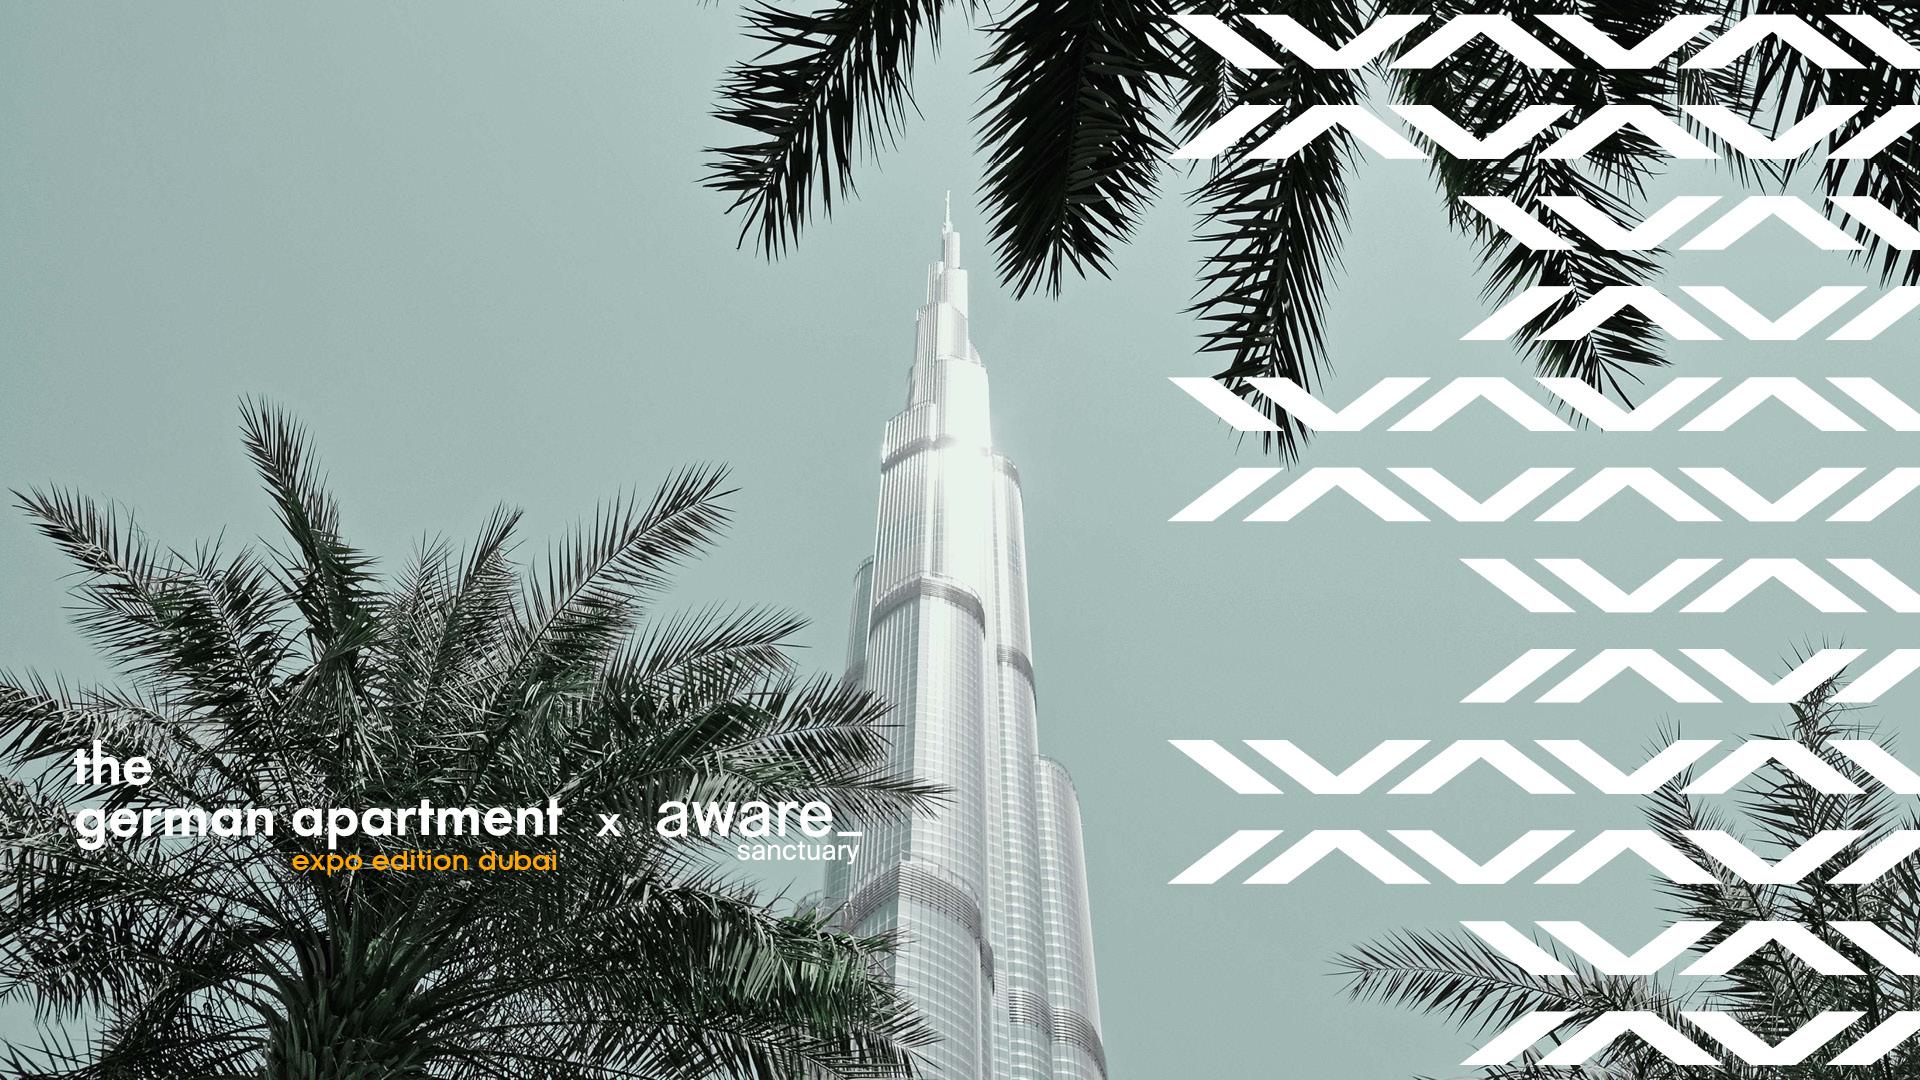 German Apartment von fischerAppelt in Dubai startet Eventreihe